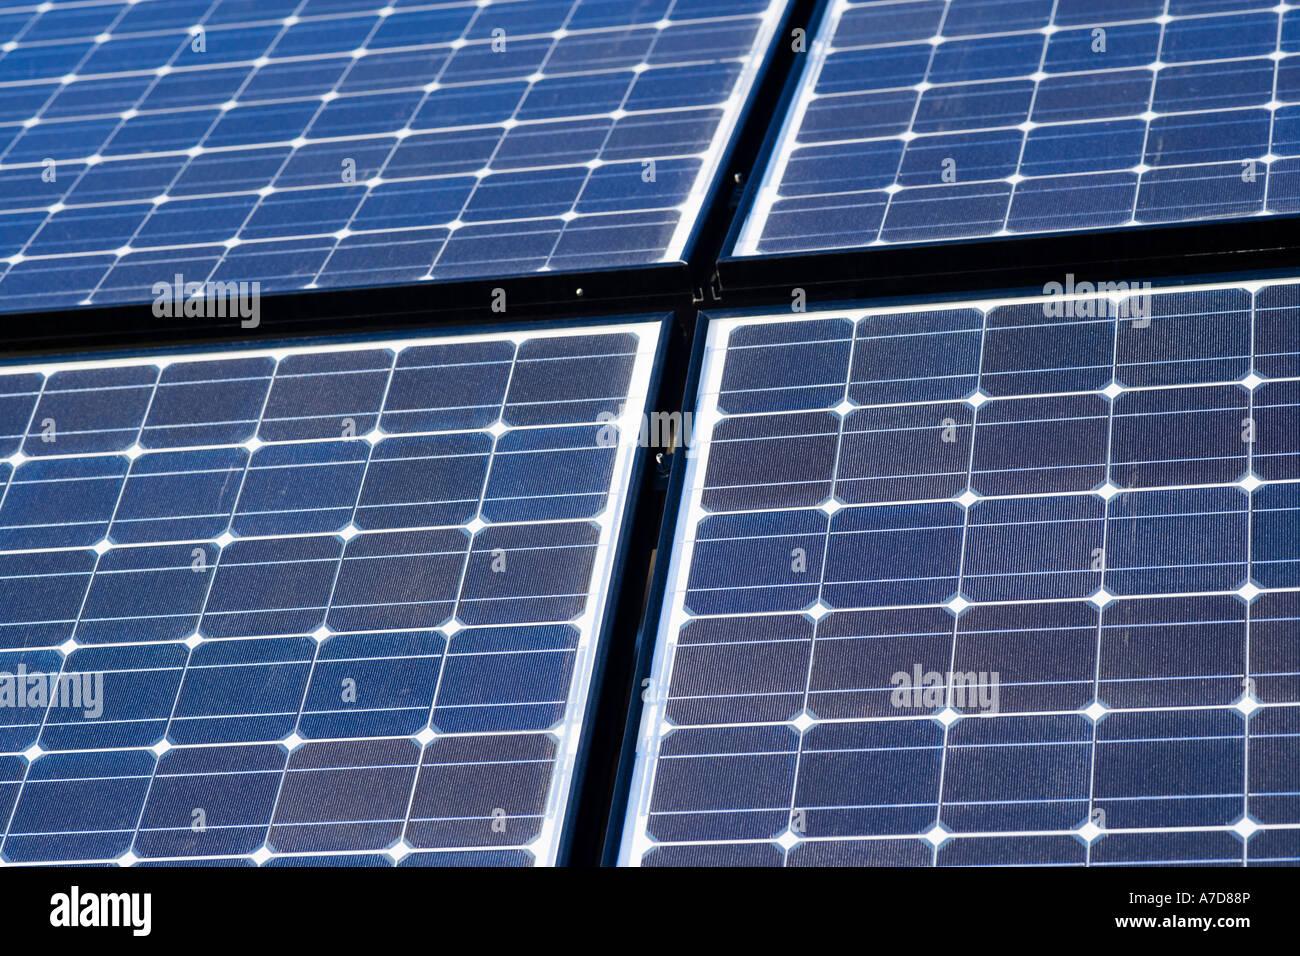 Matriz de paneles solares que producen electricidad. Filas de celdas solares fotovoltaicas monocristalino. Imagen De Stock